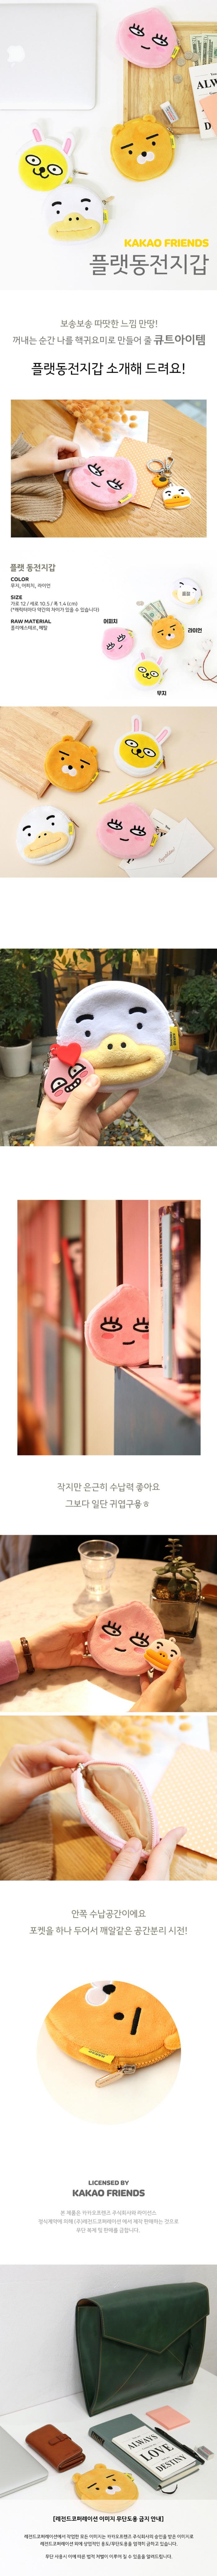 카카오프렌즈 플랫 파우치 (3design) - 키티야, 10,200원, 동전/카드지갑, 동전지갑